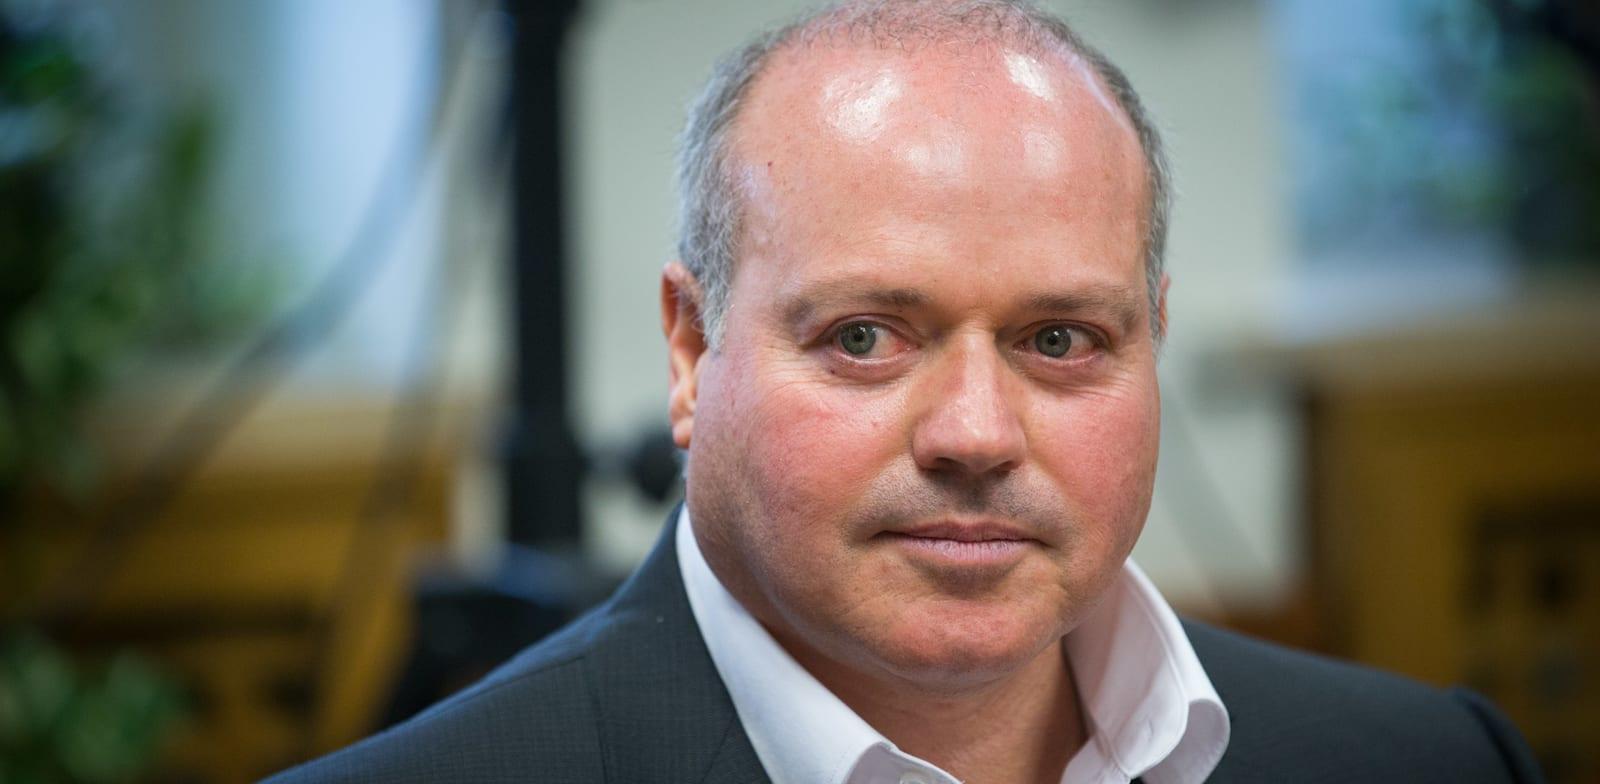 """מישל סיבוני, מנכ""""ל קבוצת הראל ביטוח ופיננסים / צילום: יונתן זיידל, פלאש 90"""